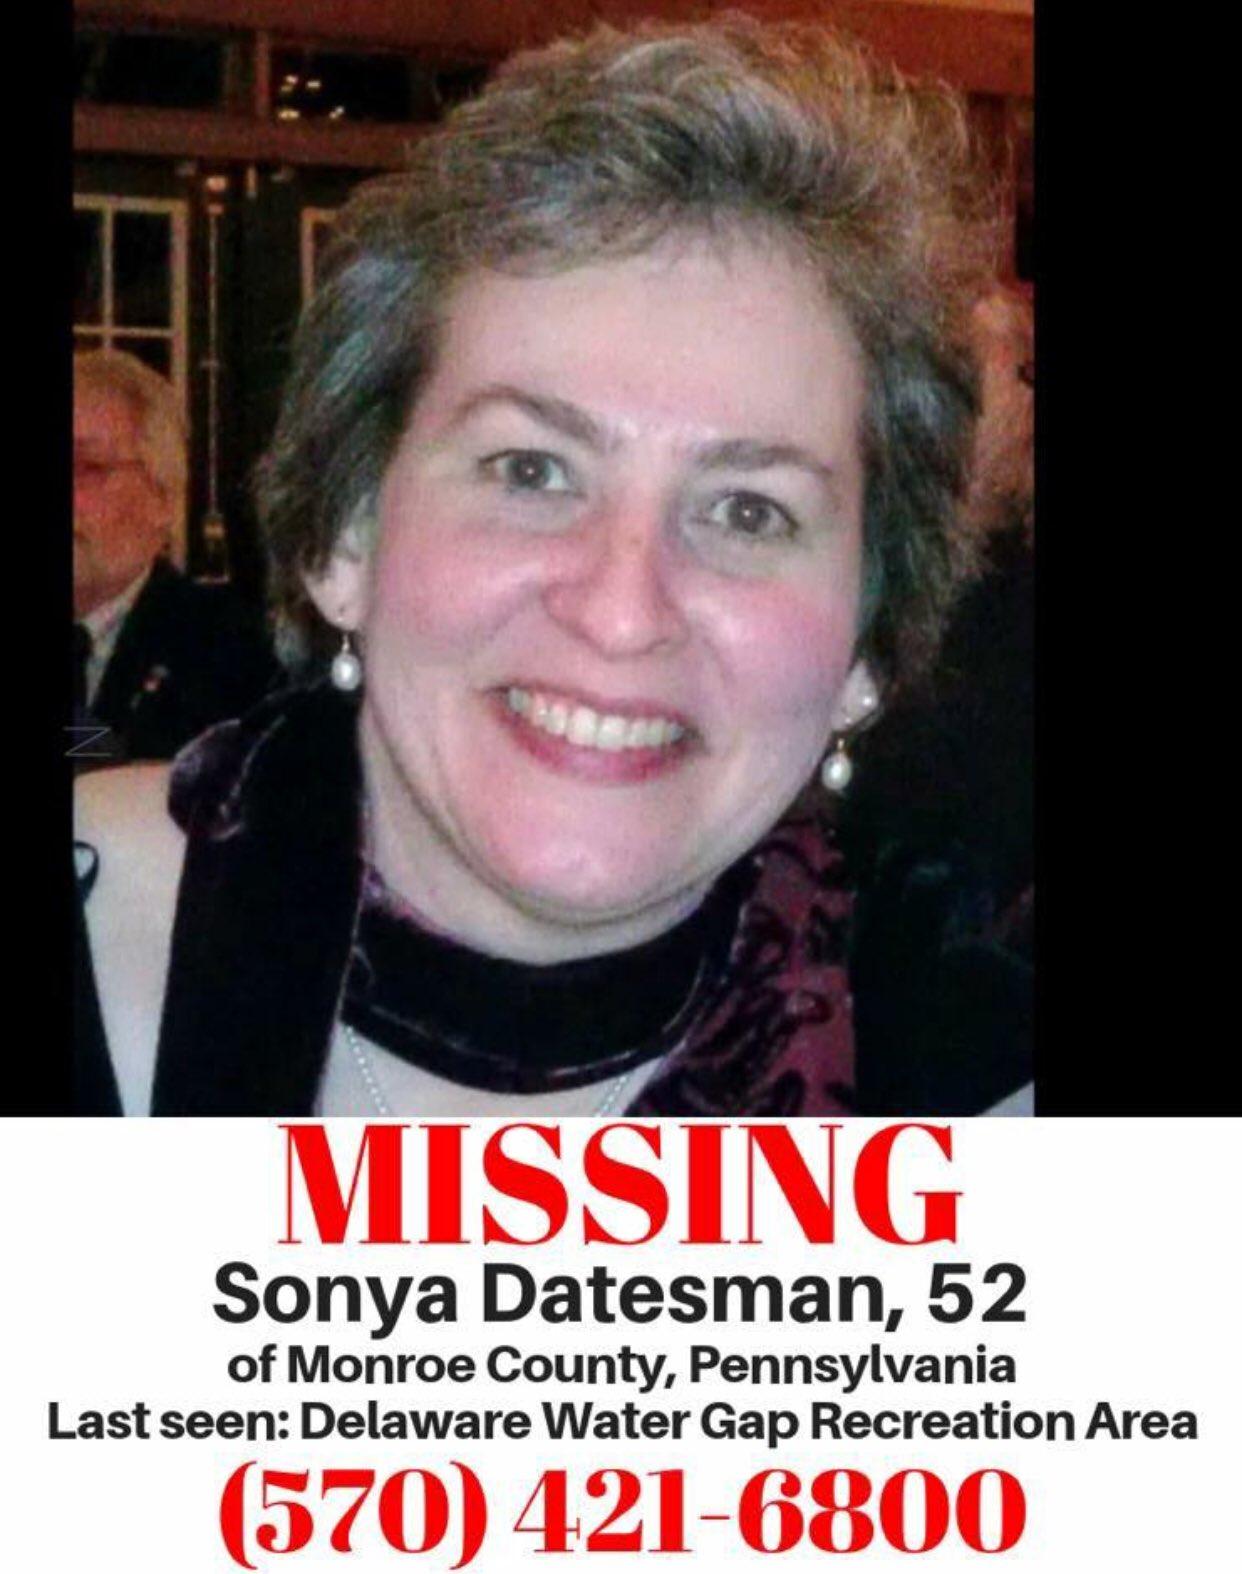 Datesman, Sonya missing_1545946268836.jpg.jpg